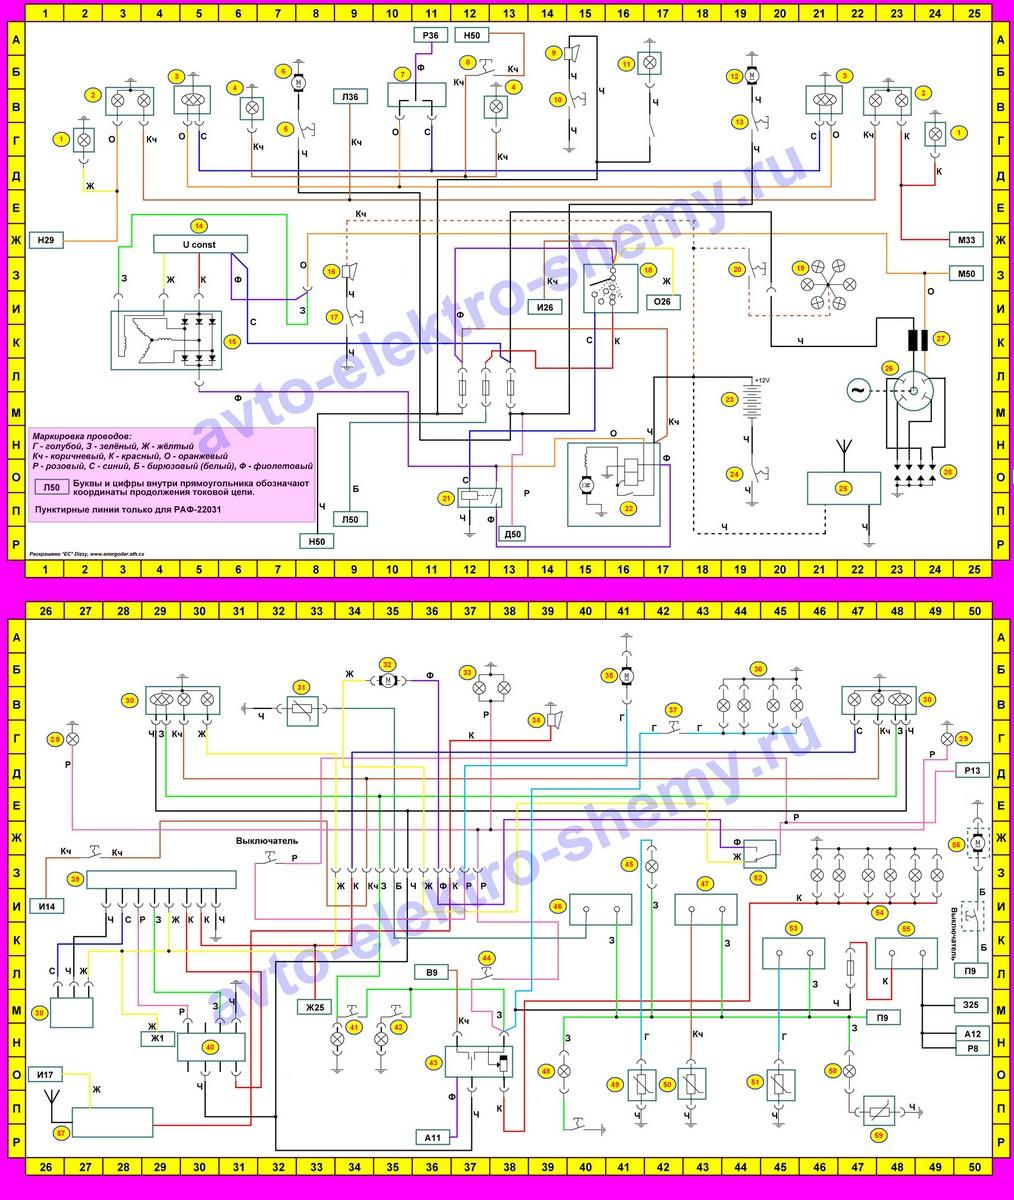 Комментарий к файлу: Схема РАФ-2203 и некоторых моделей не хватает только блока предов на 10 единиц.